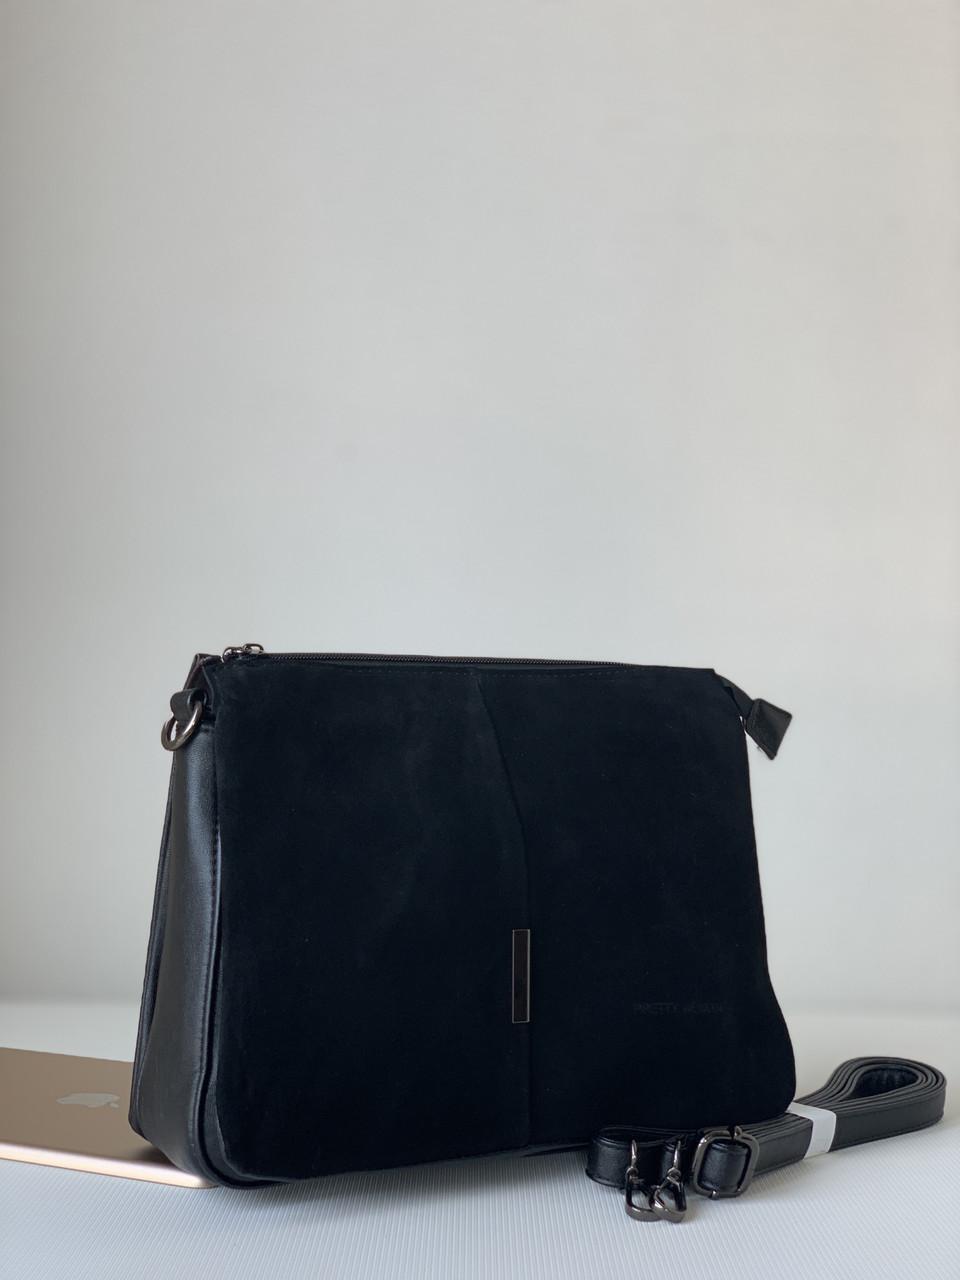 Замшевая женская черная сумка классическая офисная повседневная городская Pretty Woman